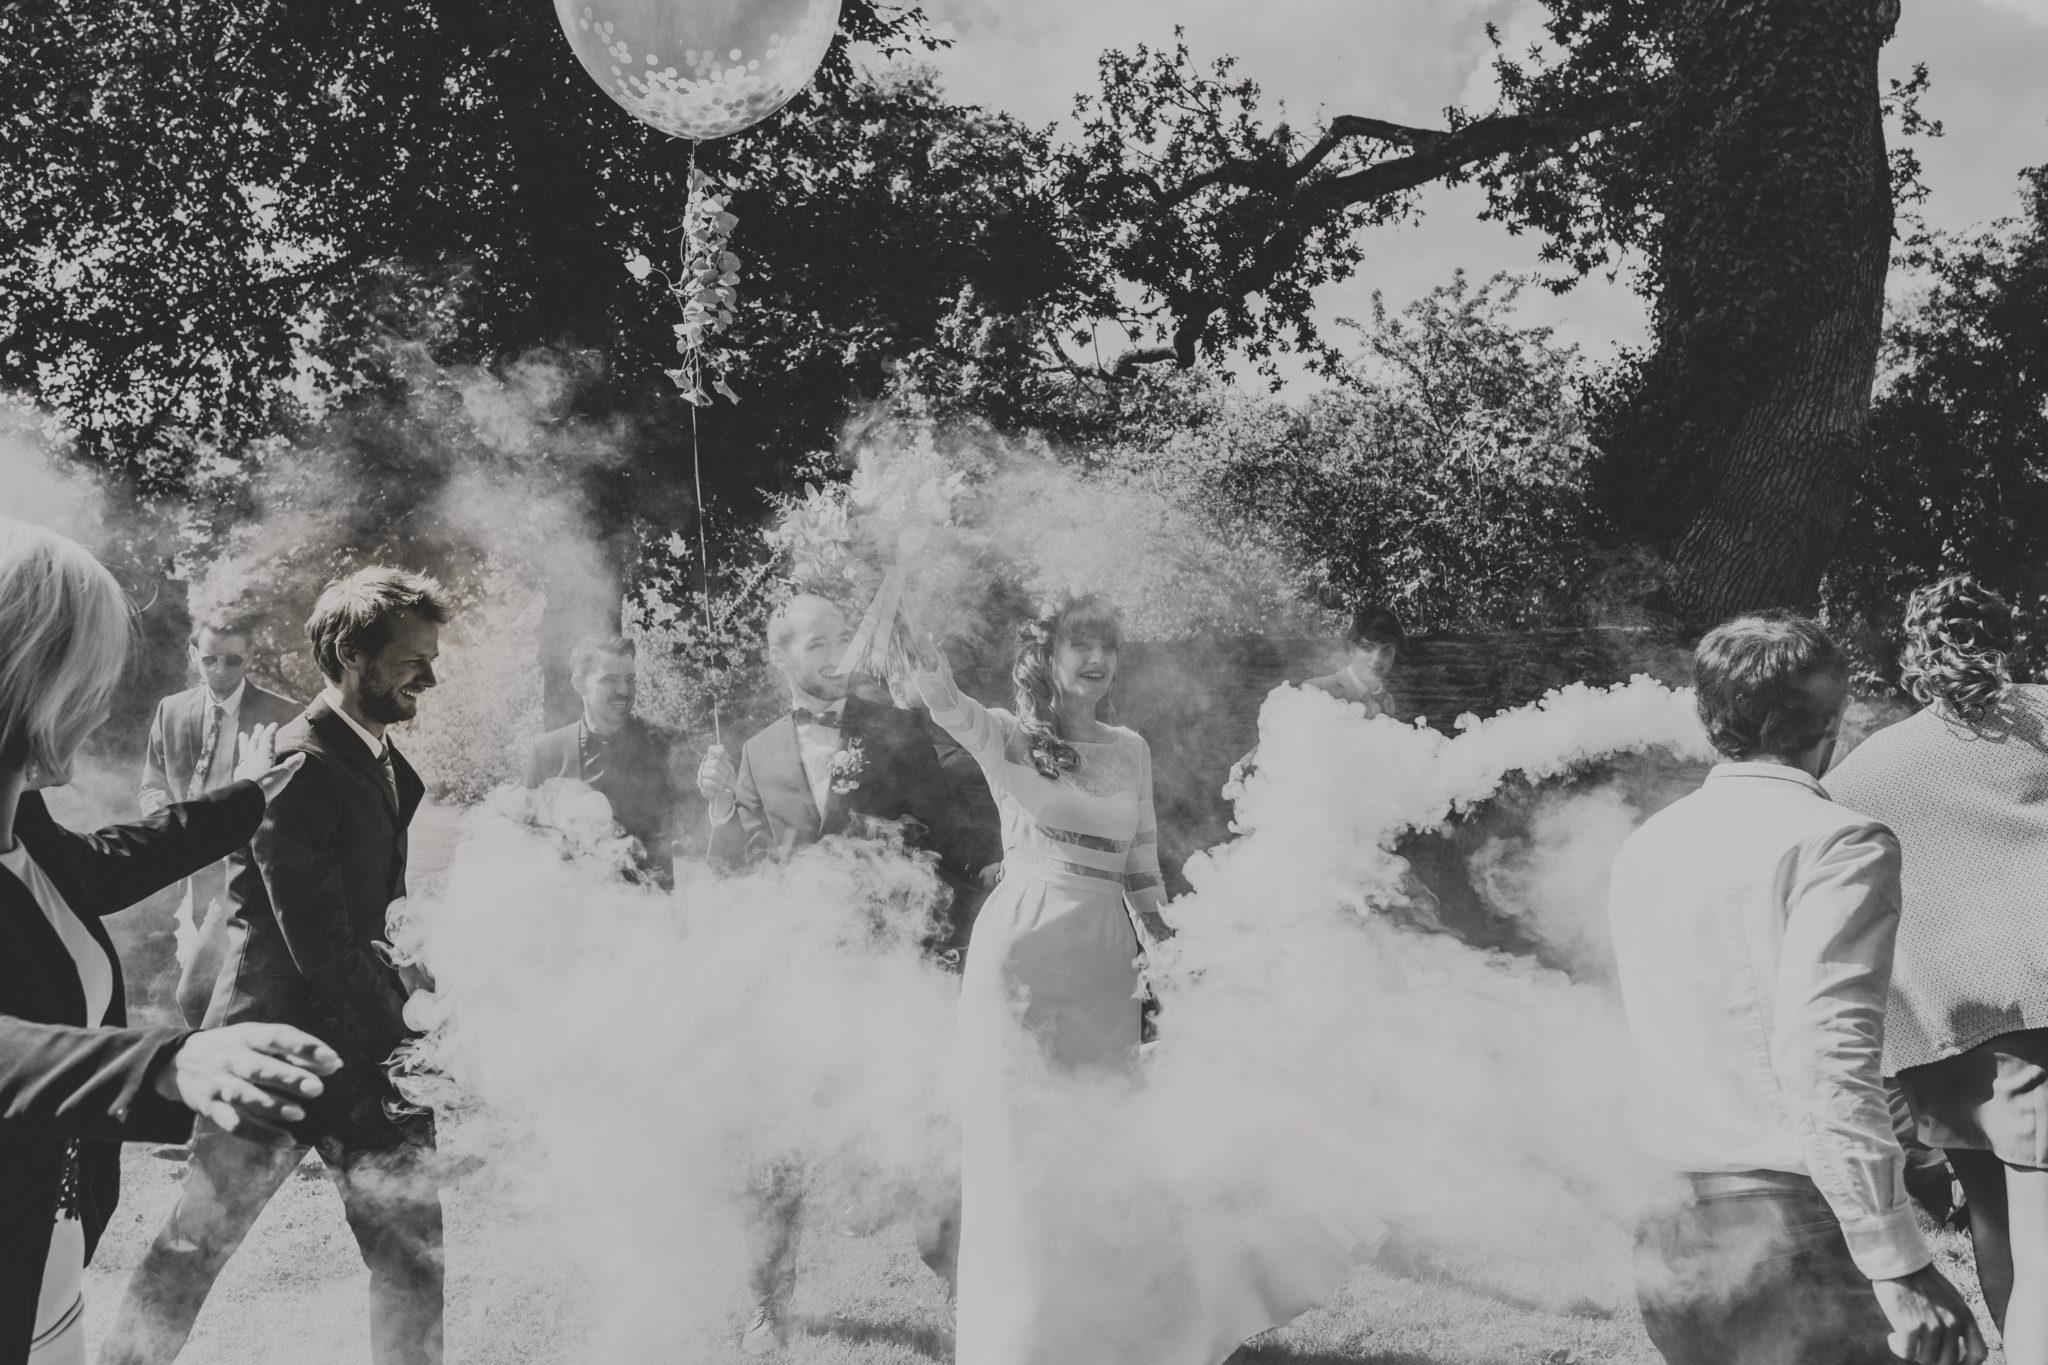 Témoins chêne ballon fumigène Manoir de la Fresnaye